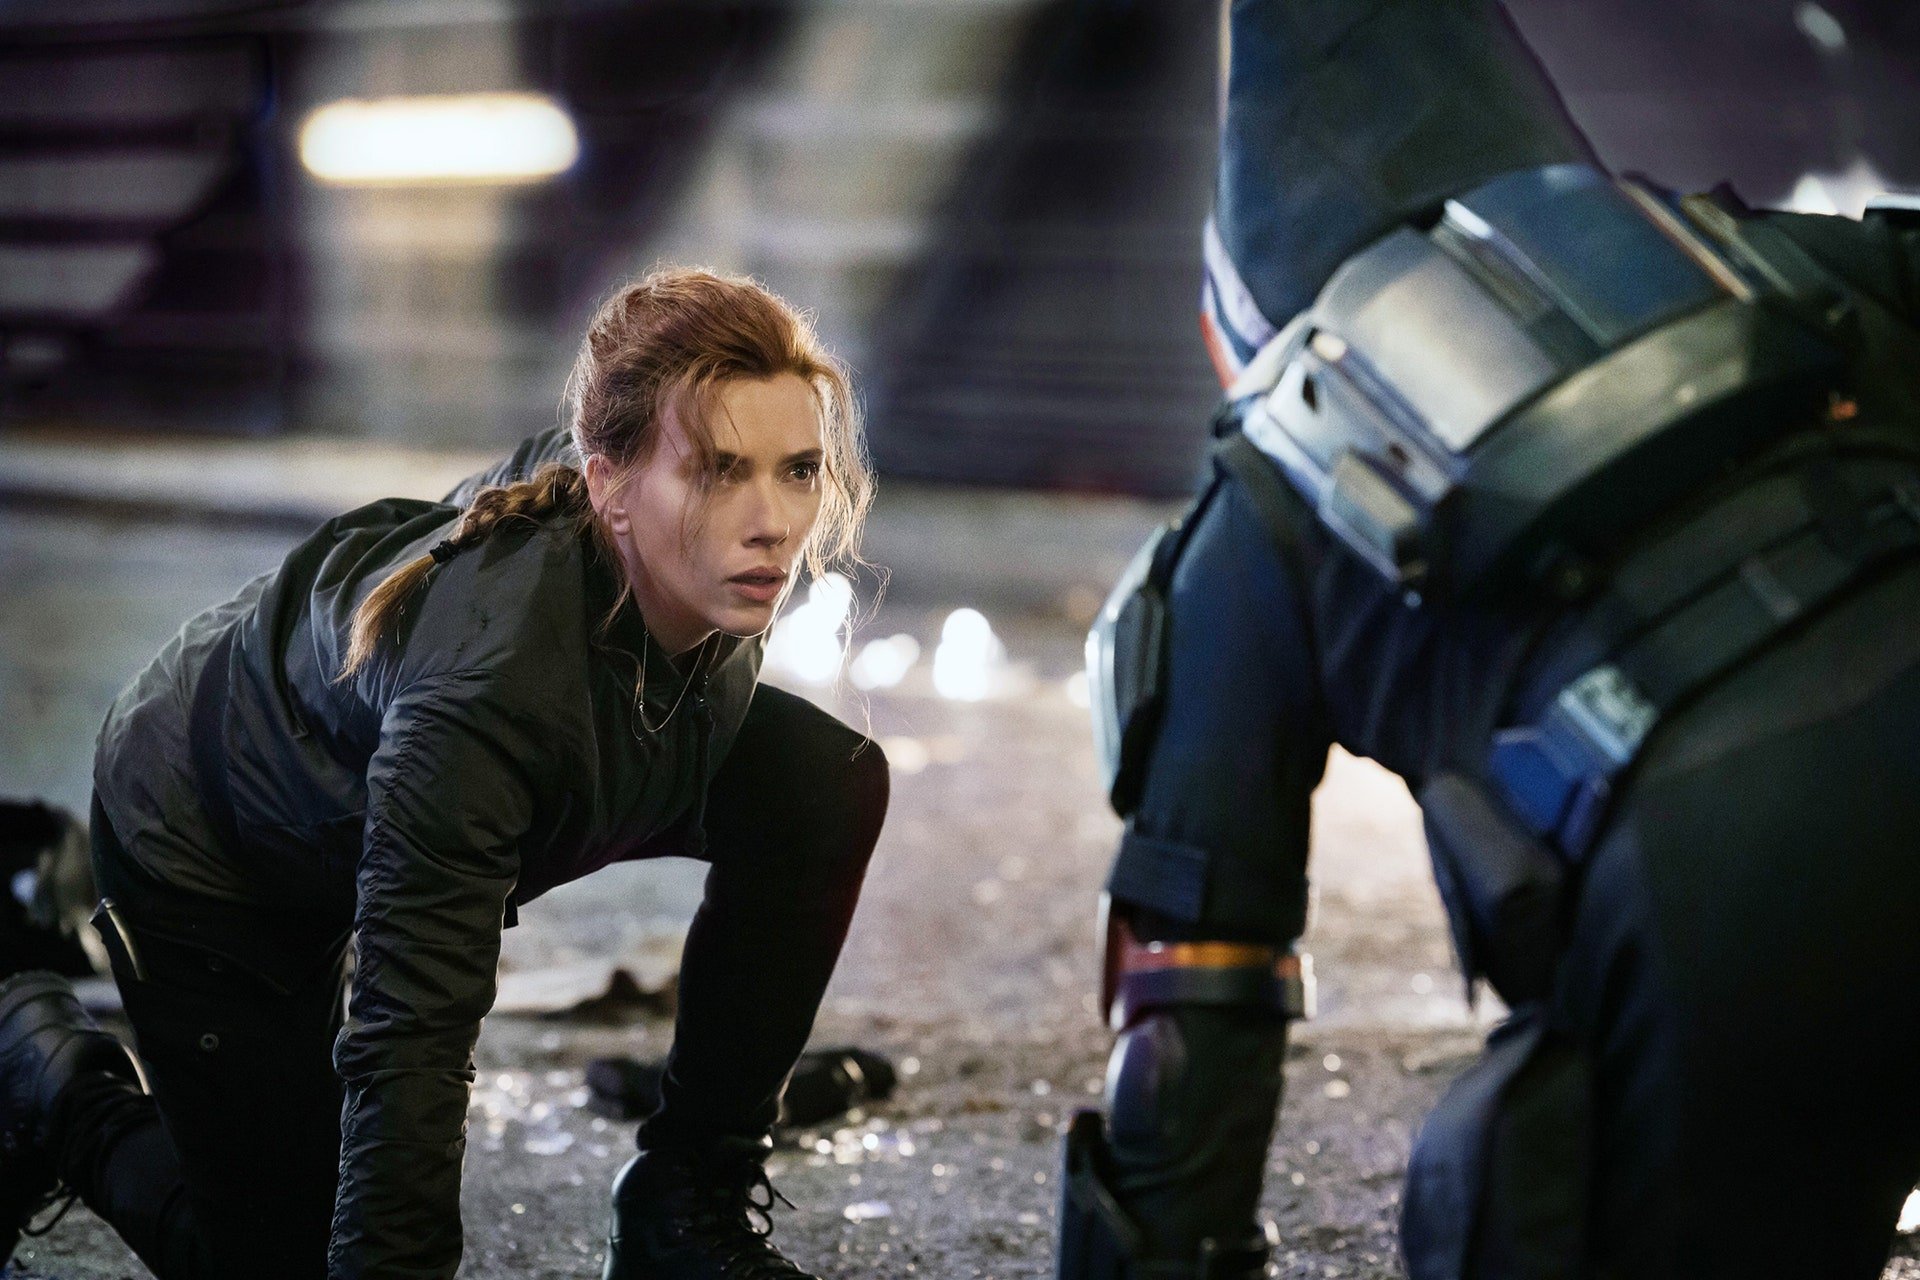 Disney critica Scarlett Johansson e diz que processo por Viúva Negra é negligente com a pandemia